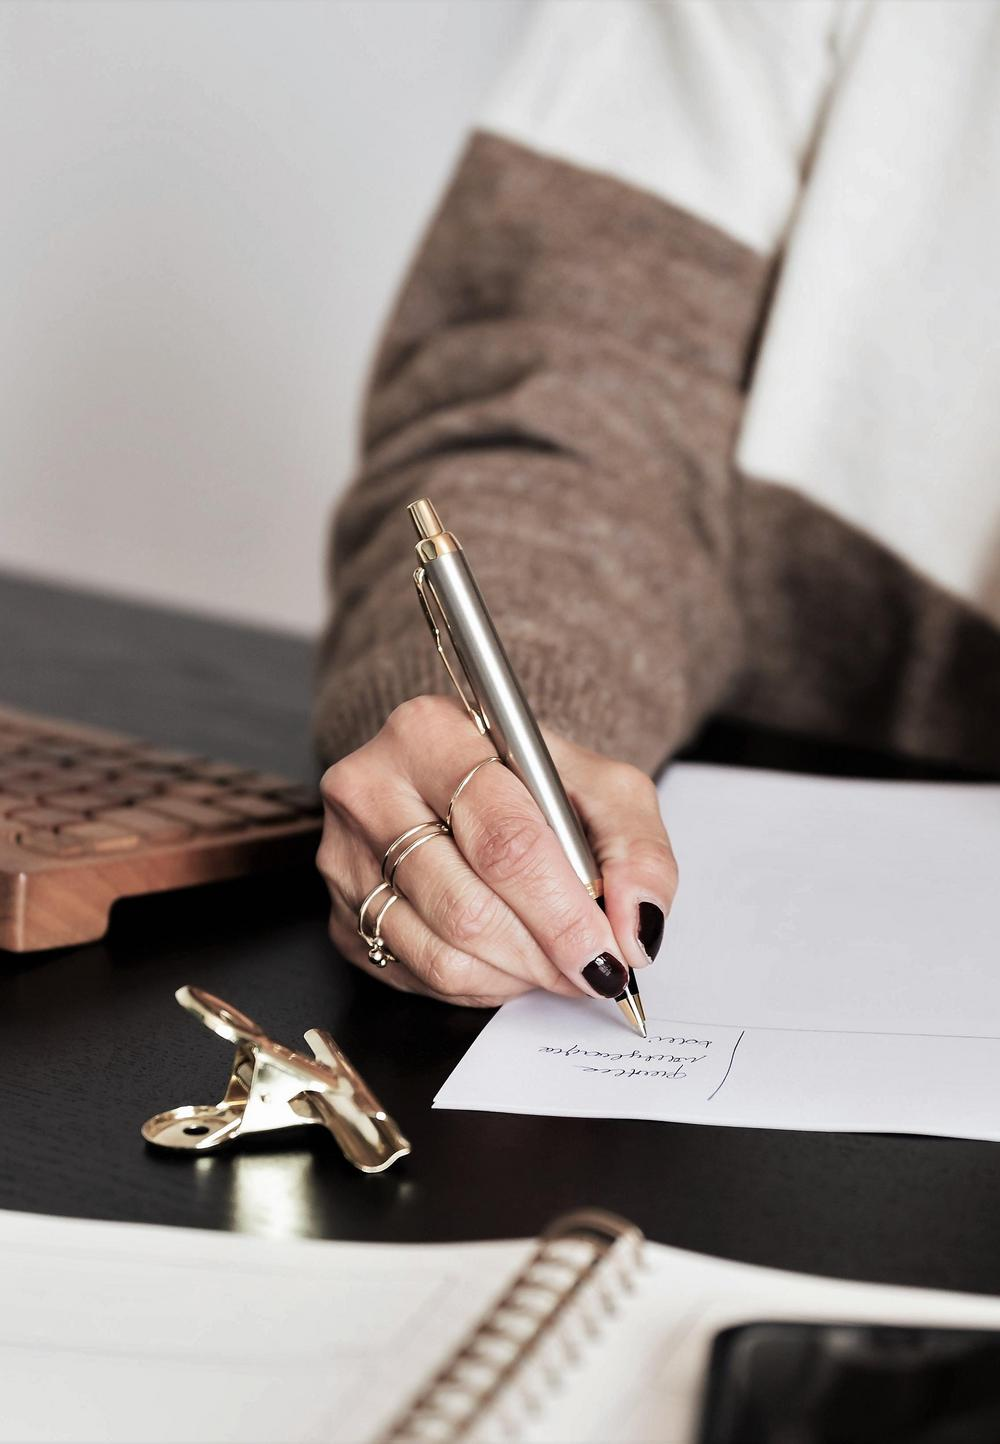 Naisen käsi, joka kirjoittaa mustekynällä paperille. Pöydällä näkyy osittain myös kalenteri, näppäimistö ja puhelin.